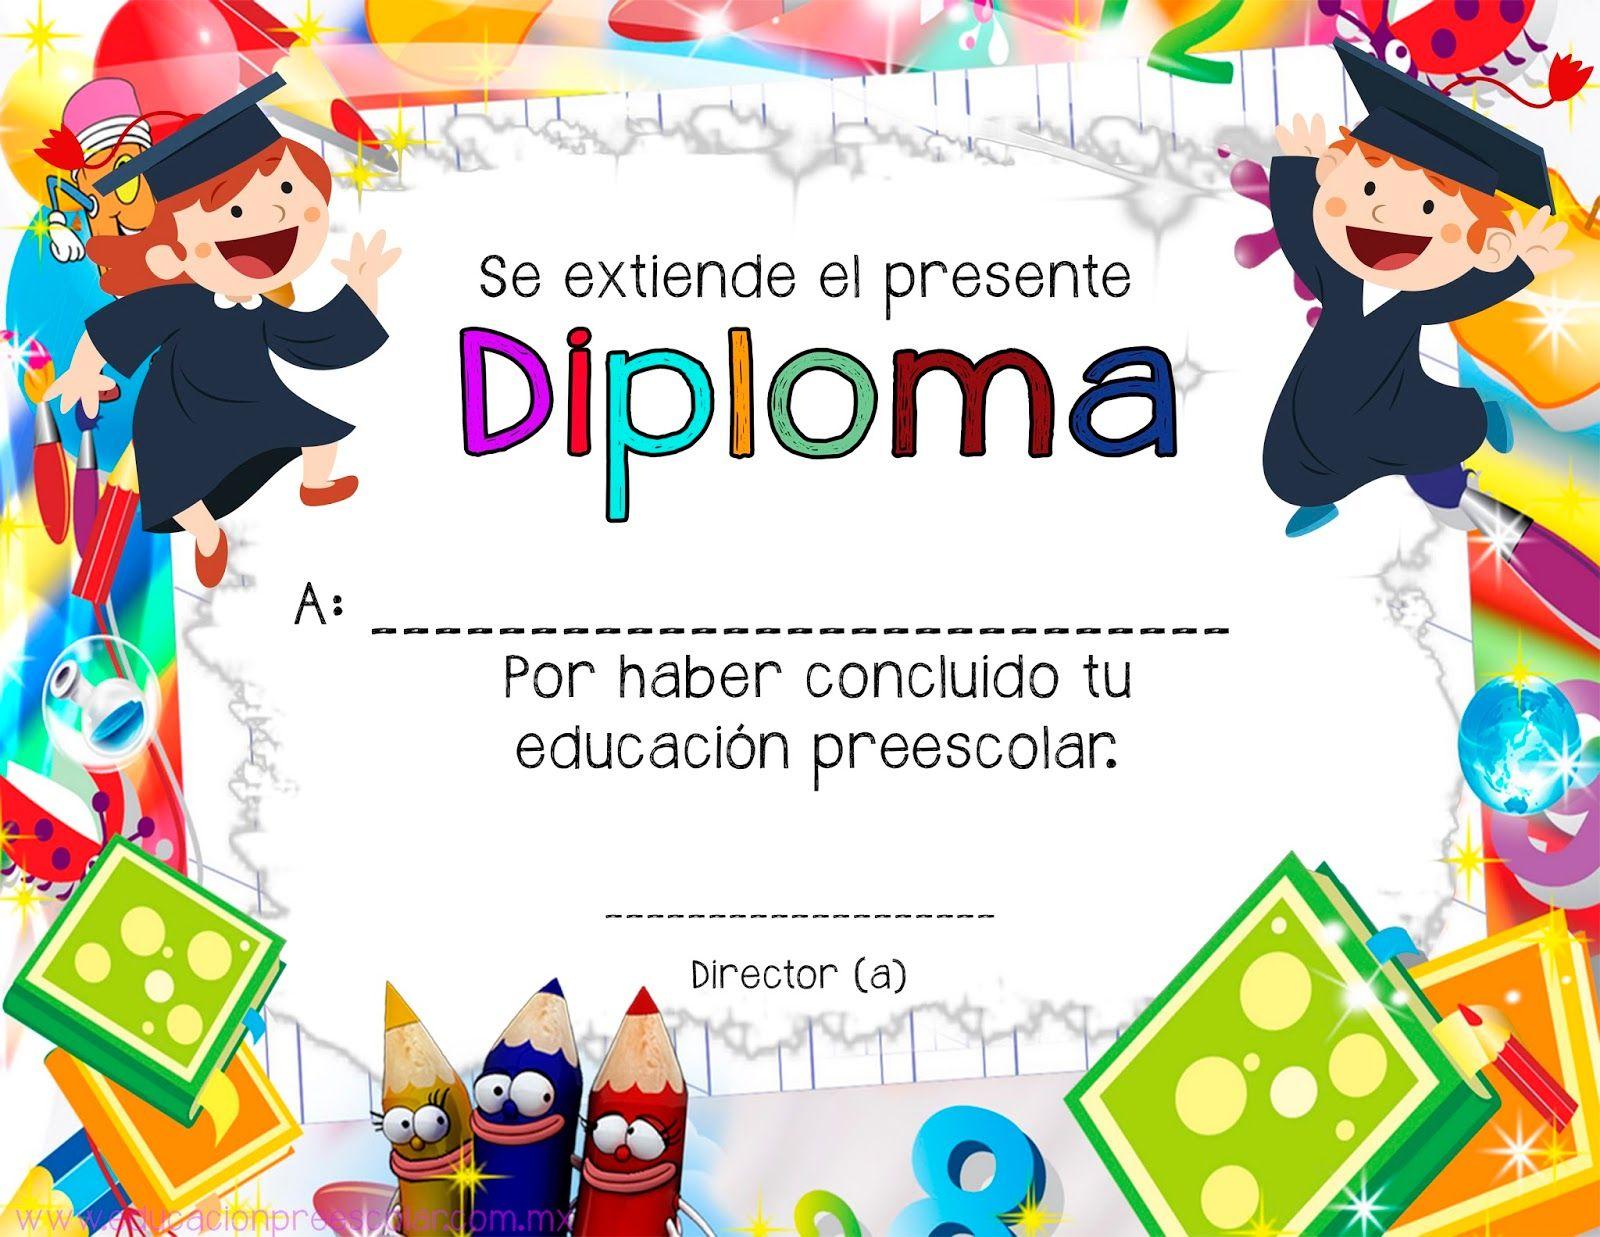 100 Plantillas Para Diplomas Infantiles, Preescolares - BsF 100,00 ...